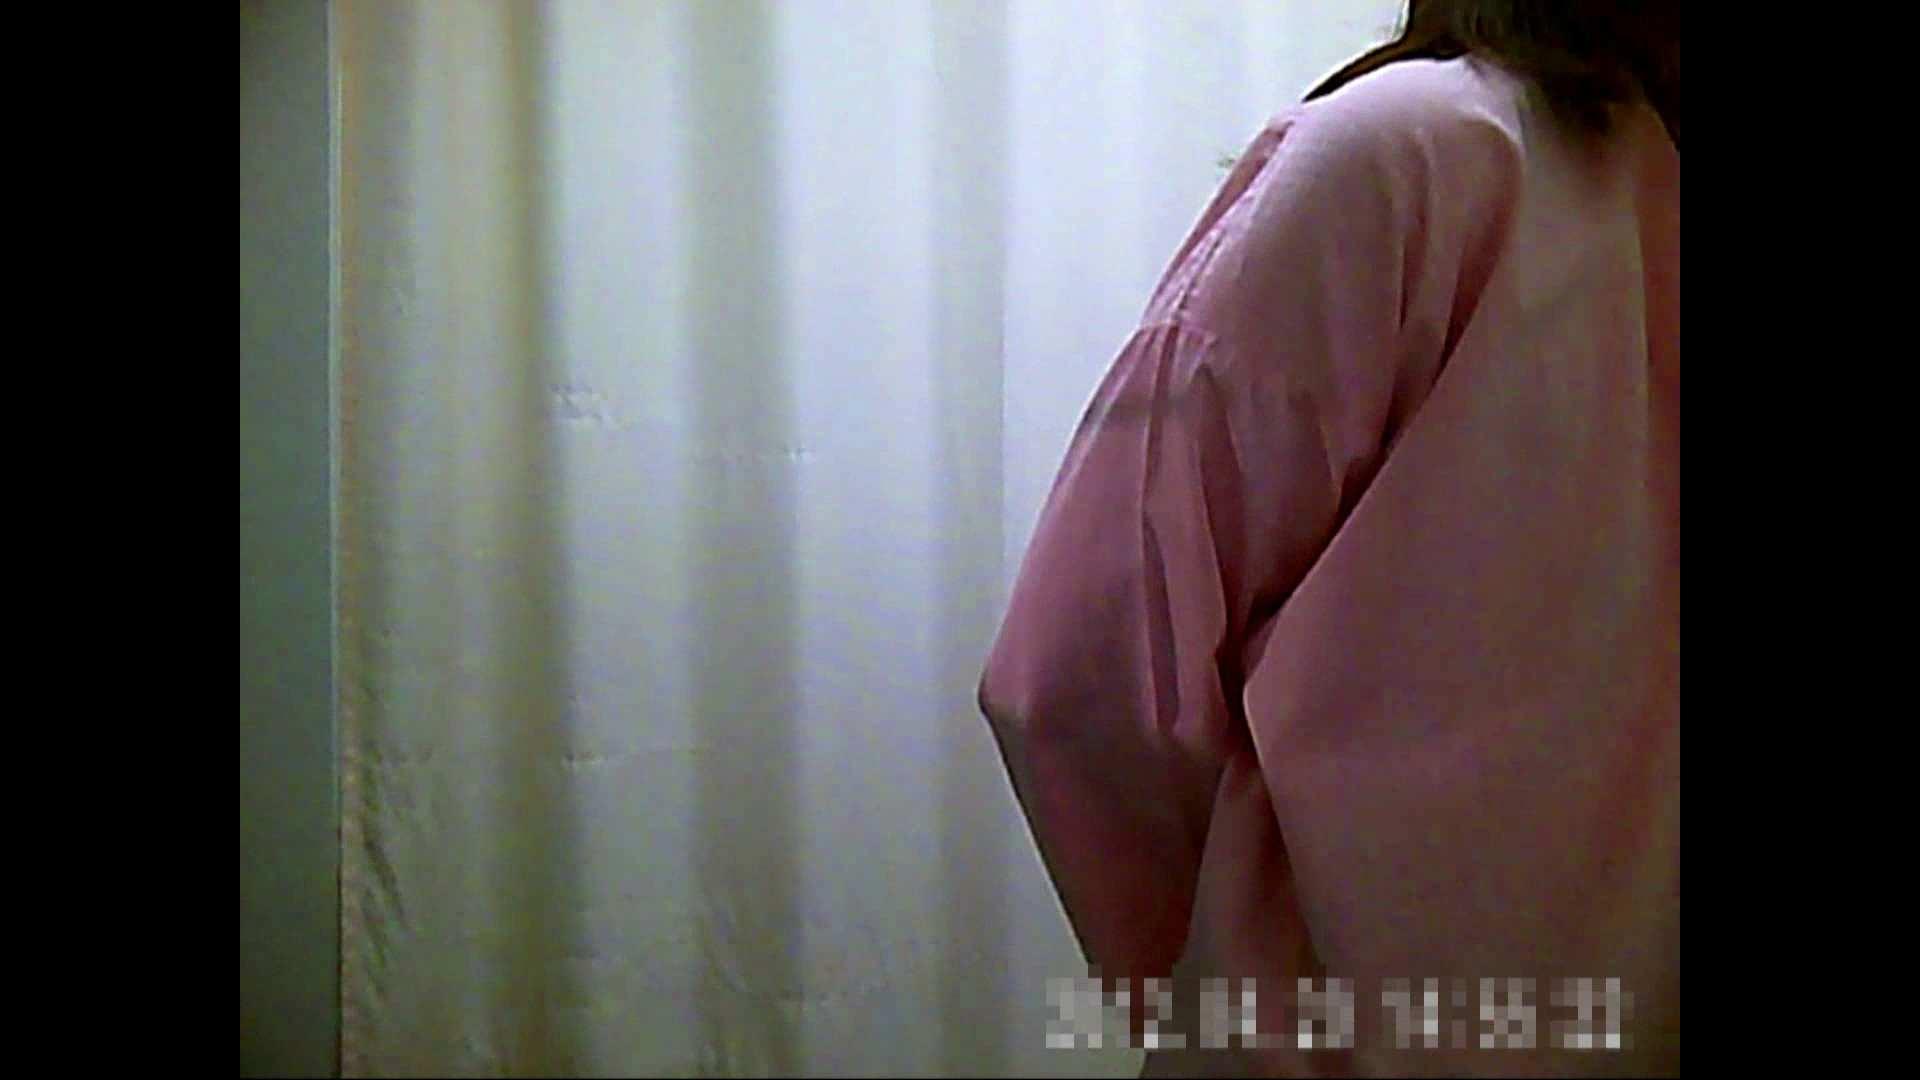 元医者による反抗 更衣室地獄絵巻 vol.013 盛合せ  39画像 12